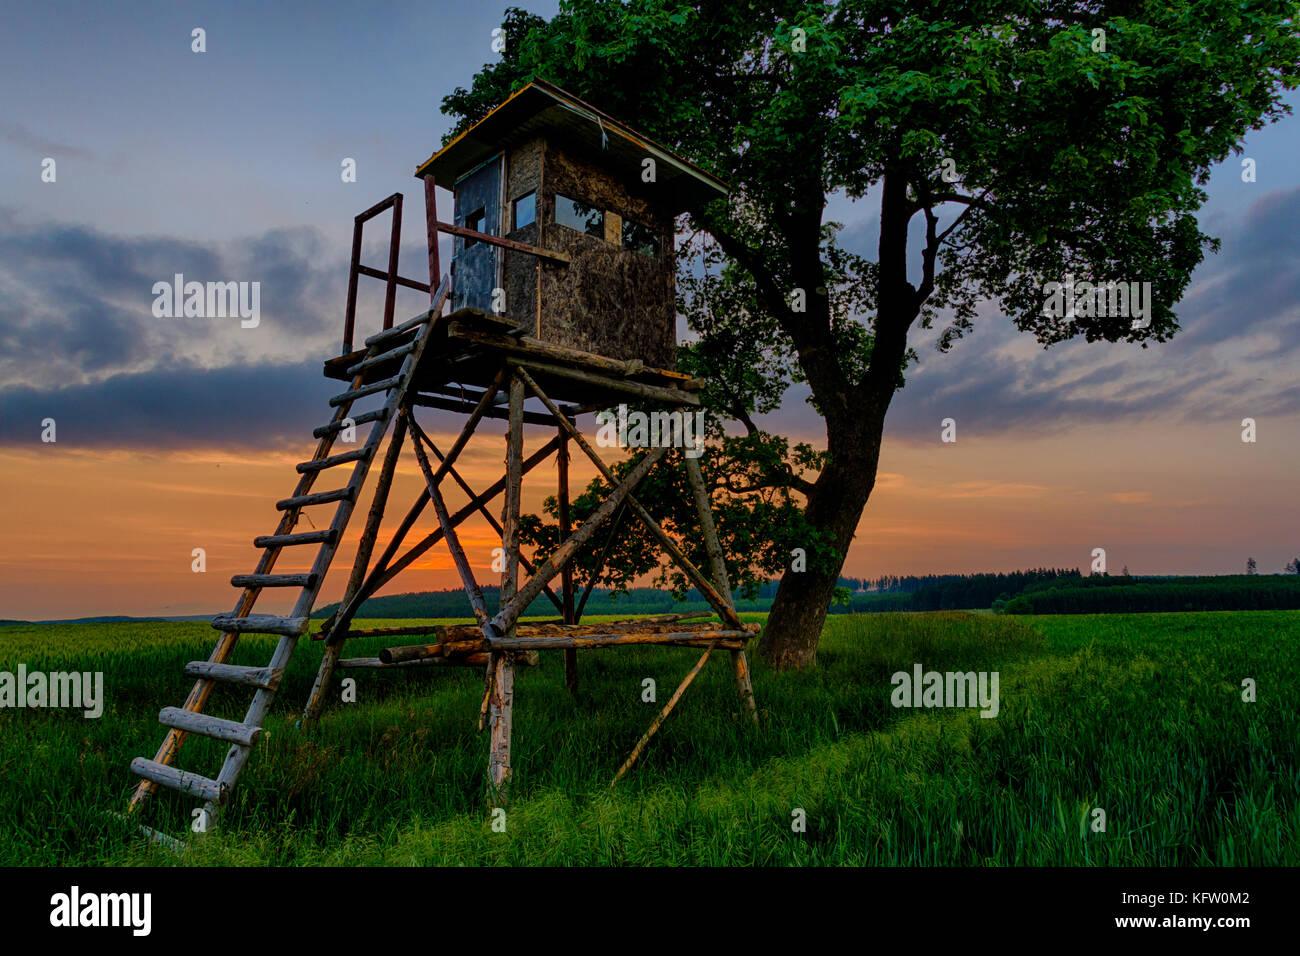 Harzlandschaft Hochsitz in der blauen Stunde - Stock Image